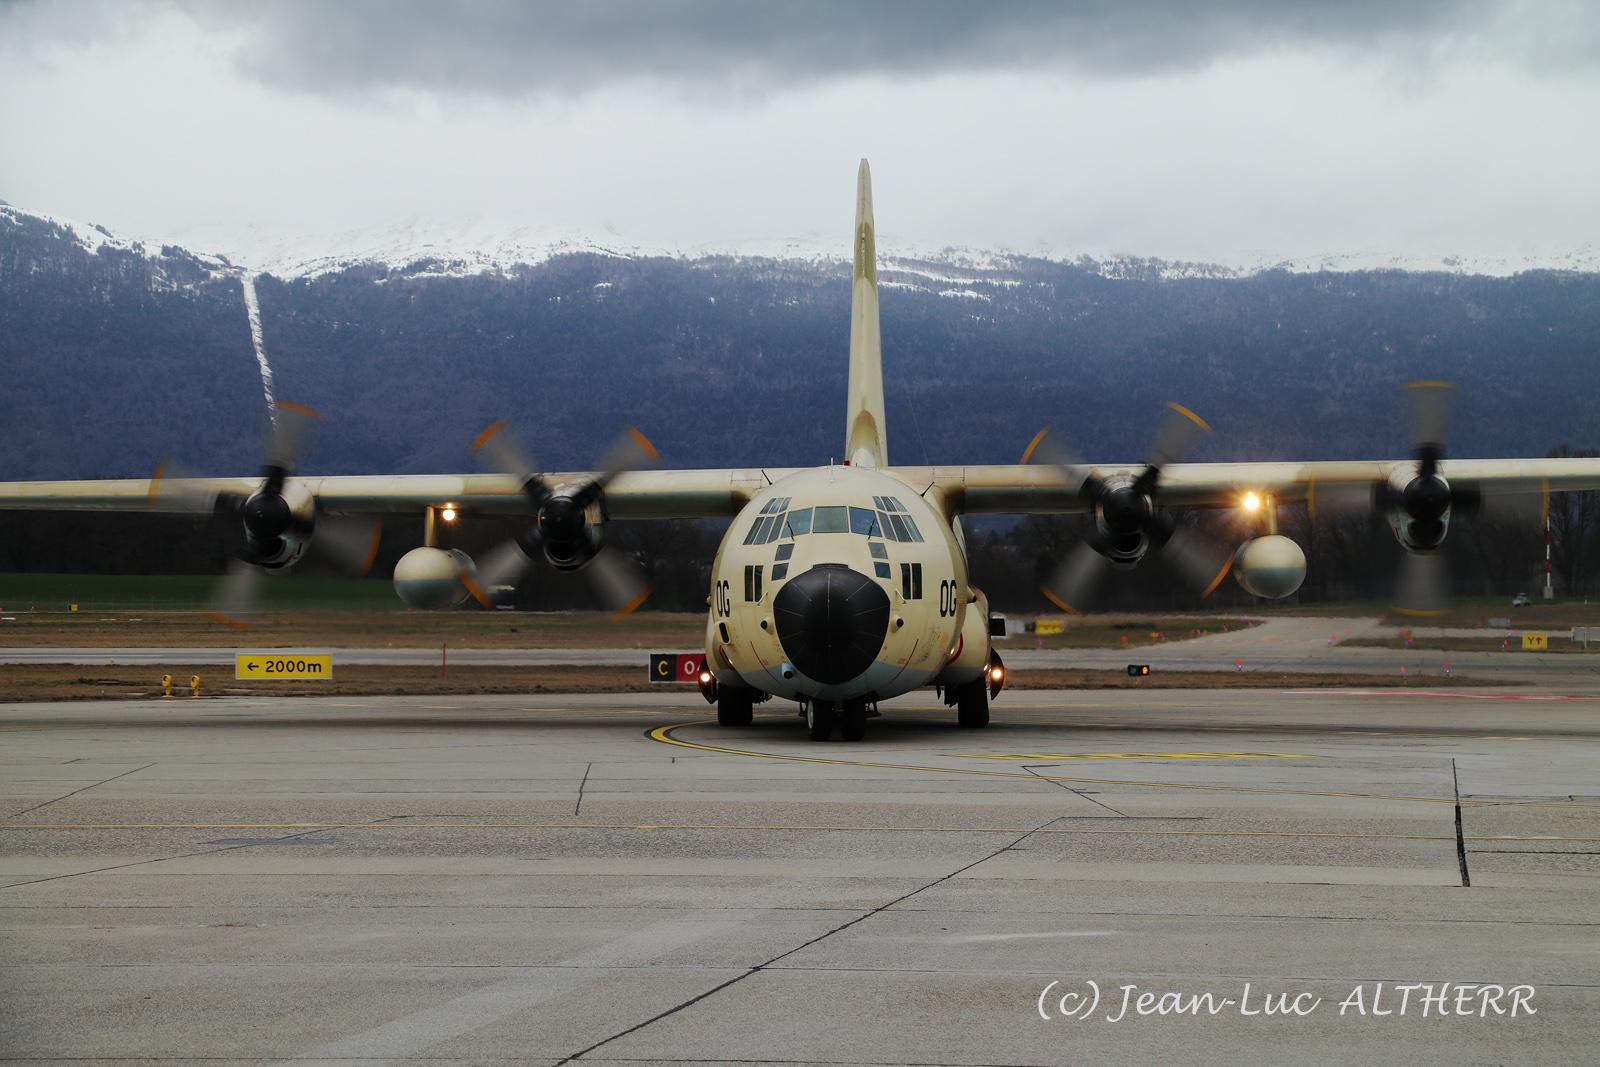 FRA: Photos d'avions de transport - Page 37 33441745608_4a78c5b0e5_o